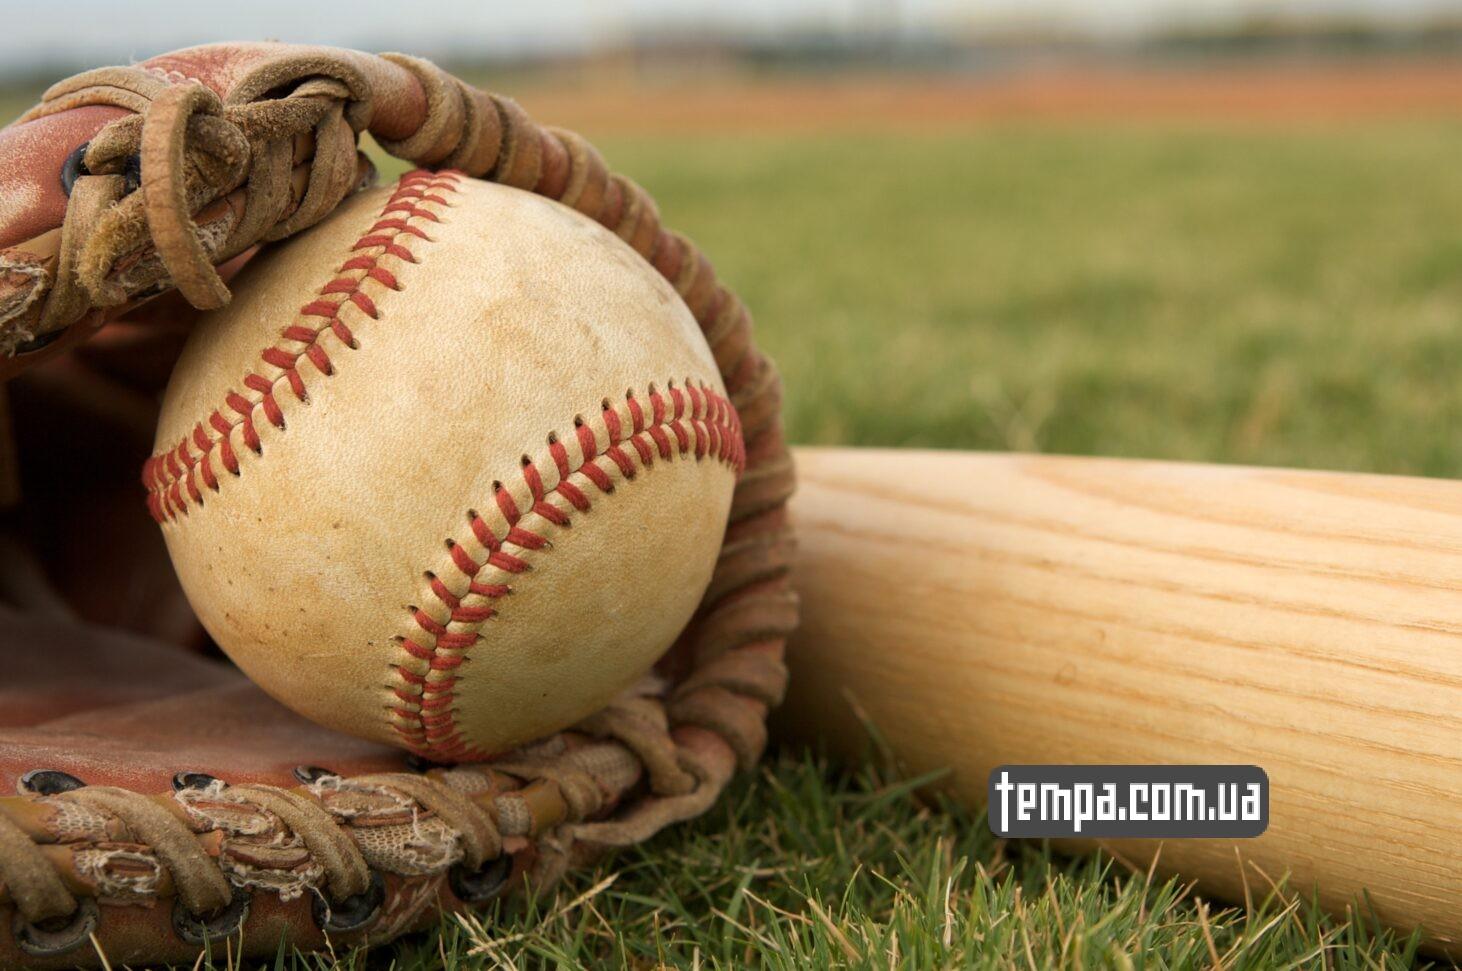 baseball одежда бейсбольная одежда купить украина